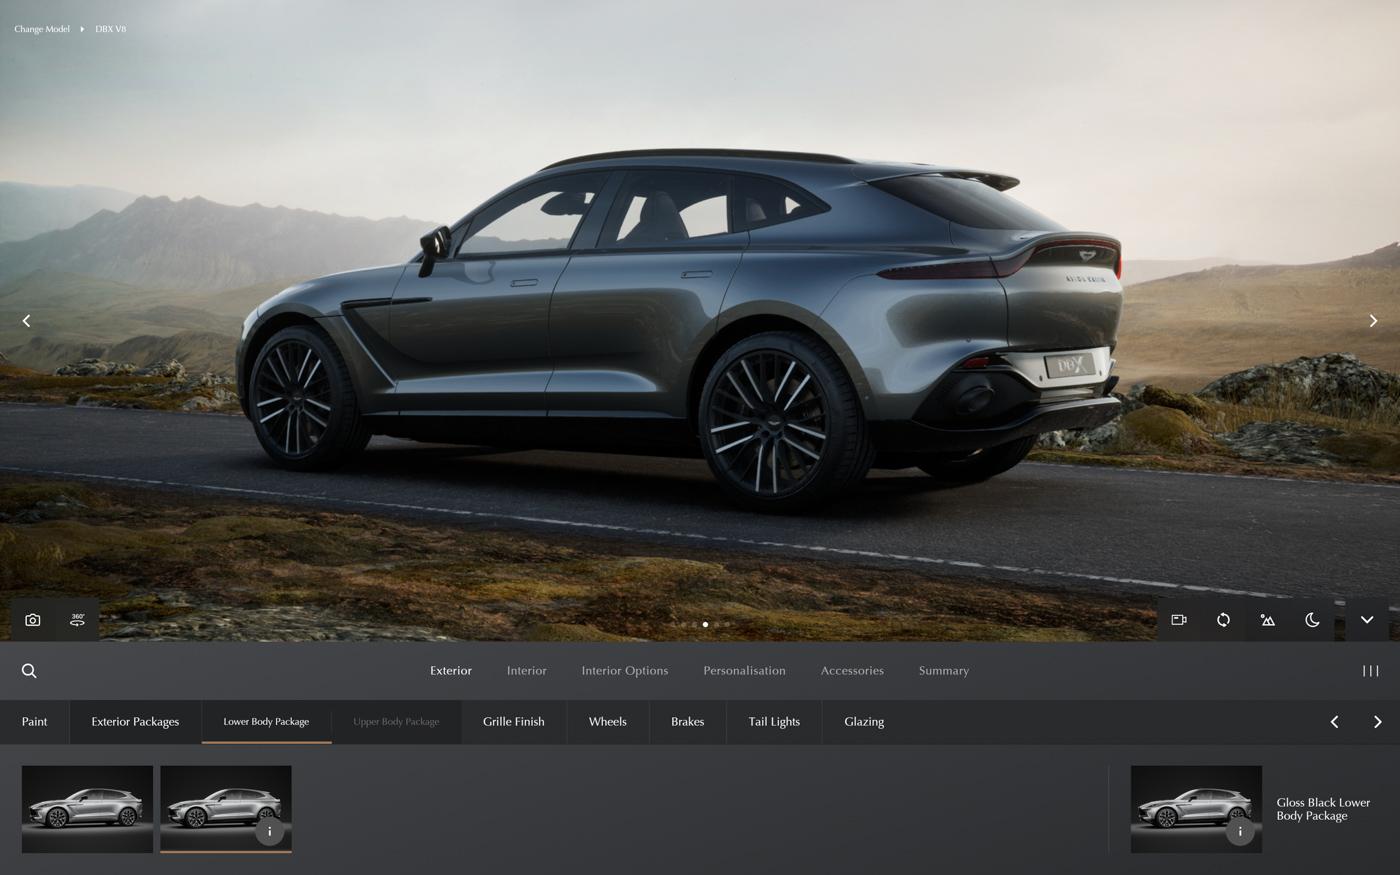 Aston-Martin-công-bố-nâng-cấp-cho-đời-xe-2022-3.jpg